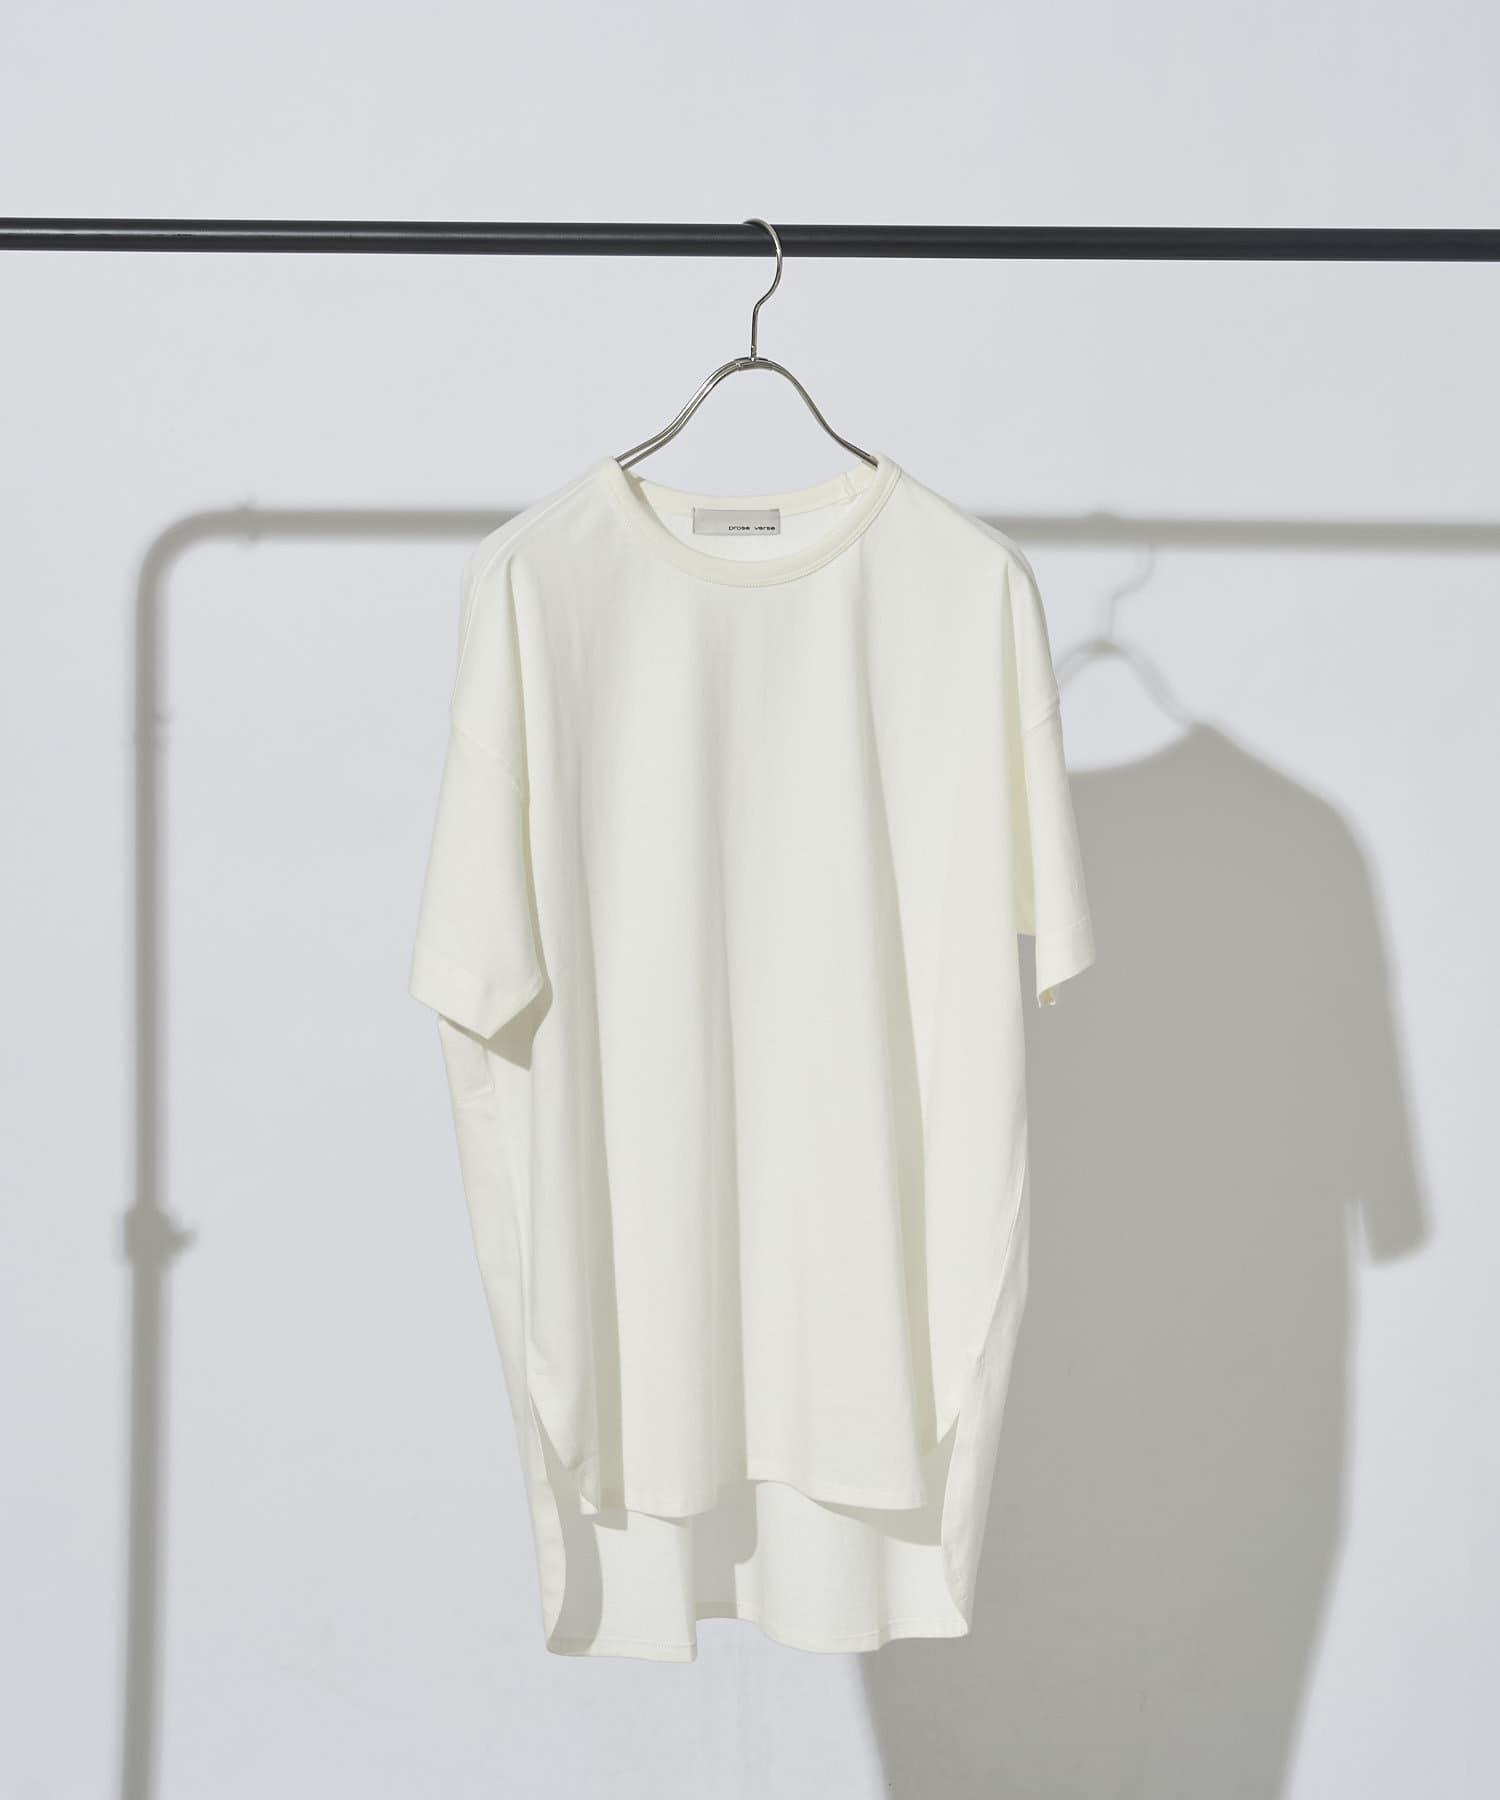 prose verse(プロズヴェール) オーガニックコットン半袖Tシャツ